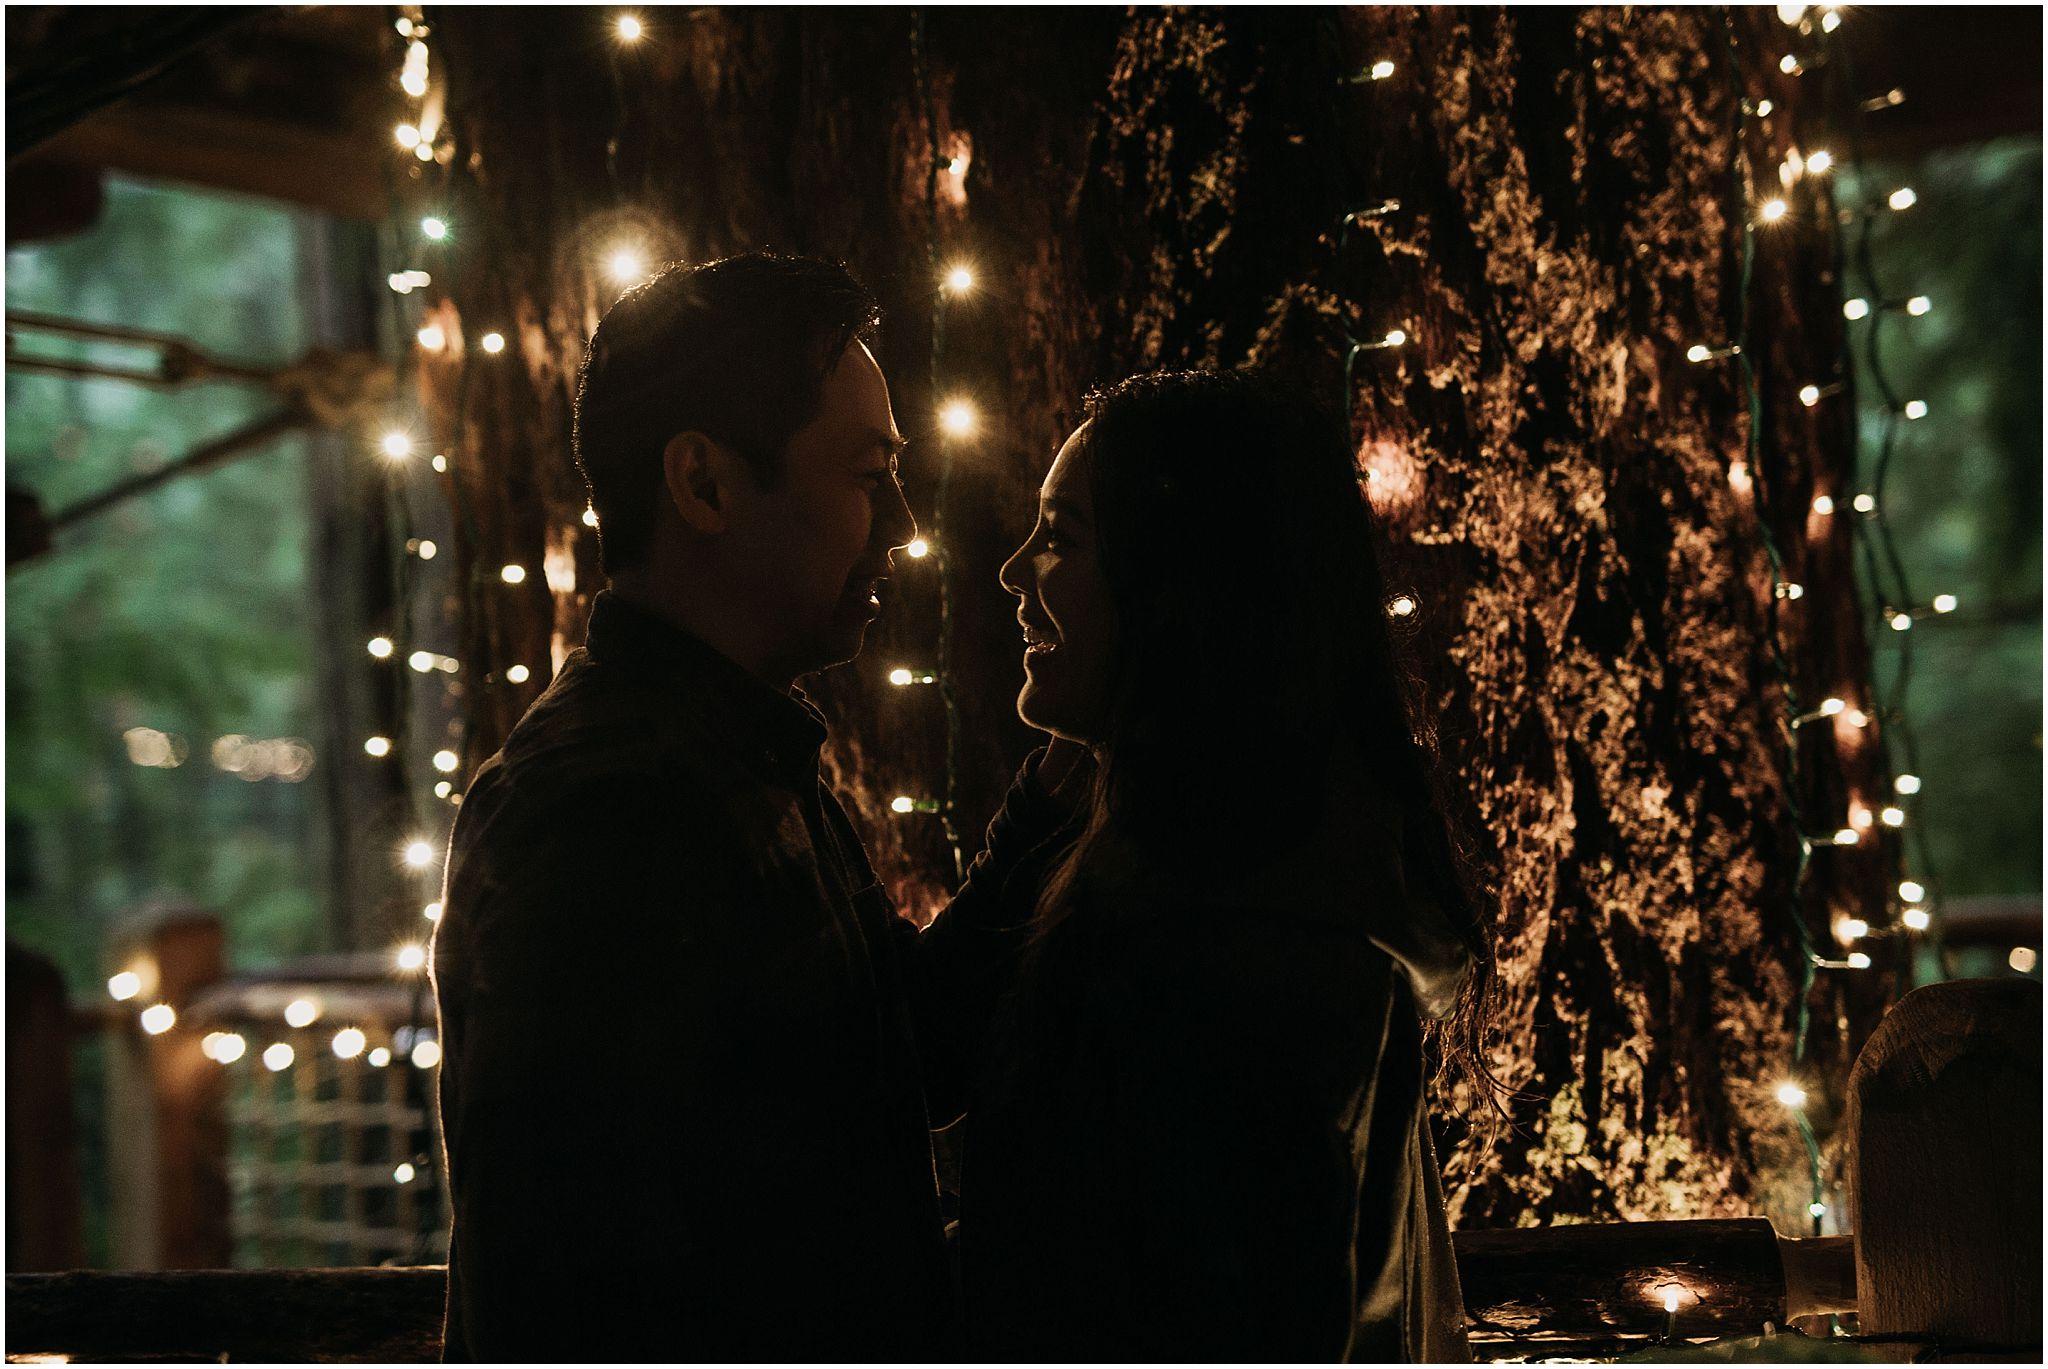 capilano suspension bridge canyon lights couple engagement silhouette